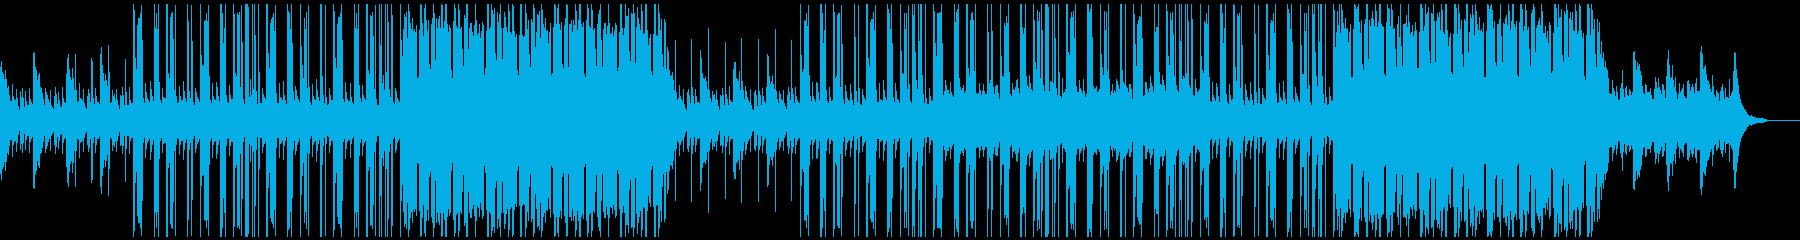 洋楽 アコースティックギター ビートの再生済みの波形